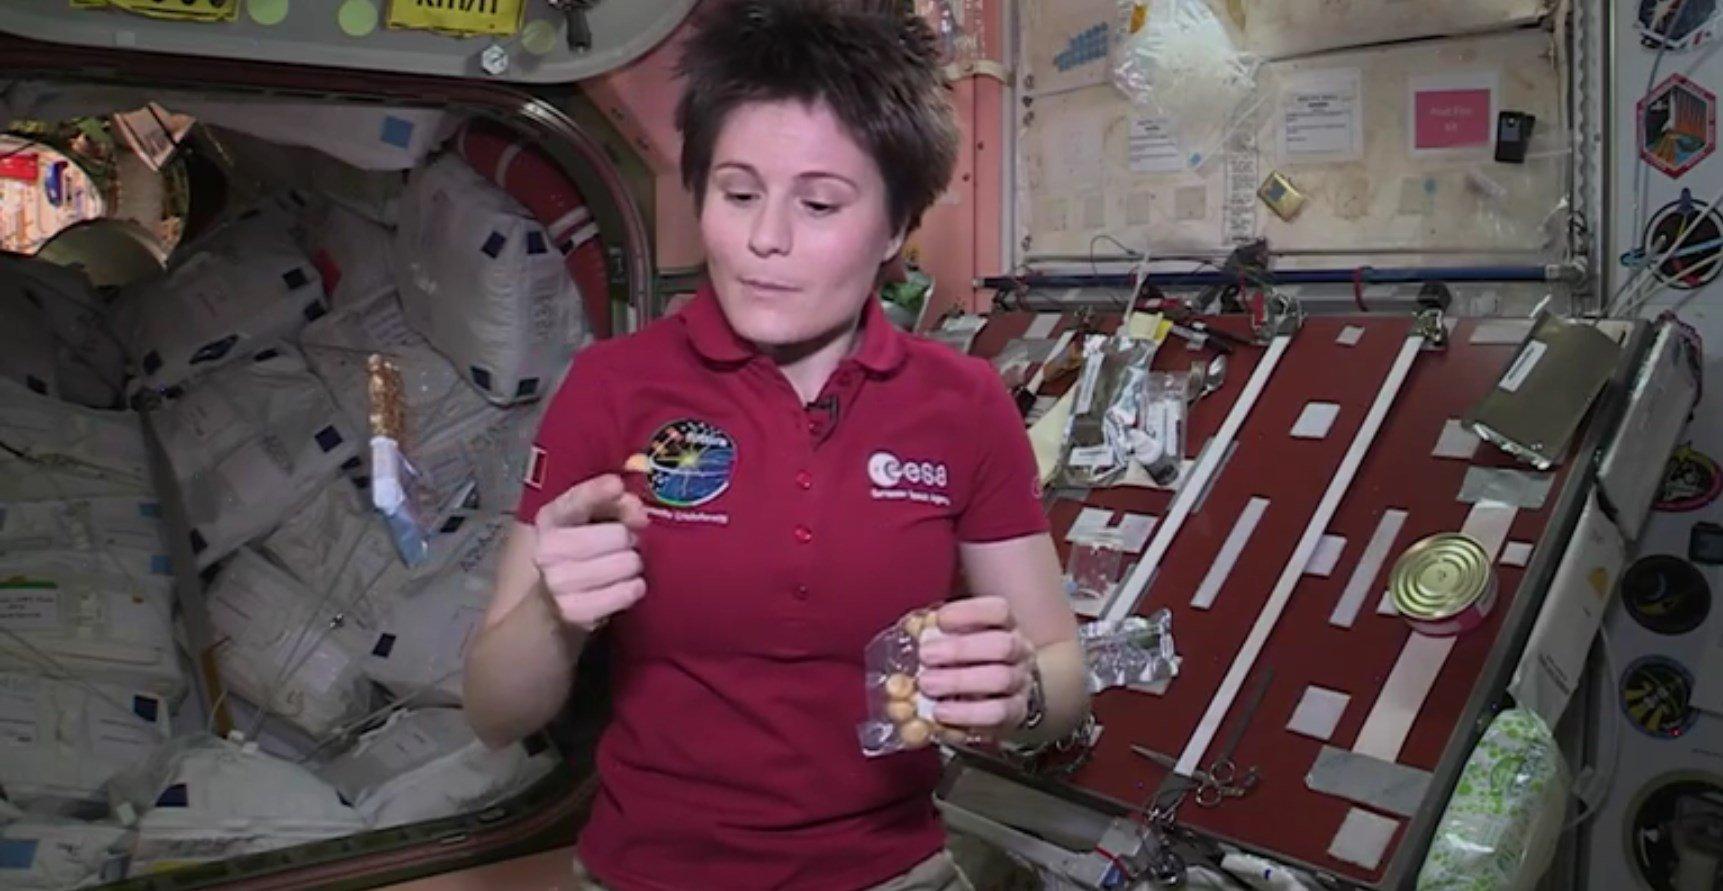 Como é o 'lanchinho' dos astronautas? [vídeo]